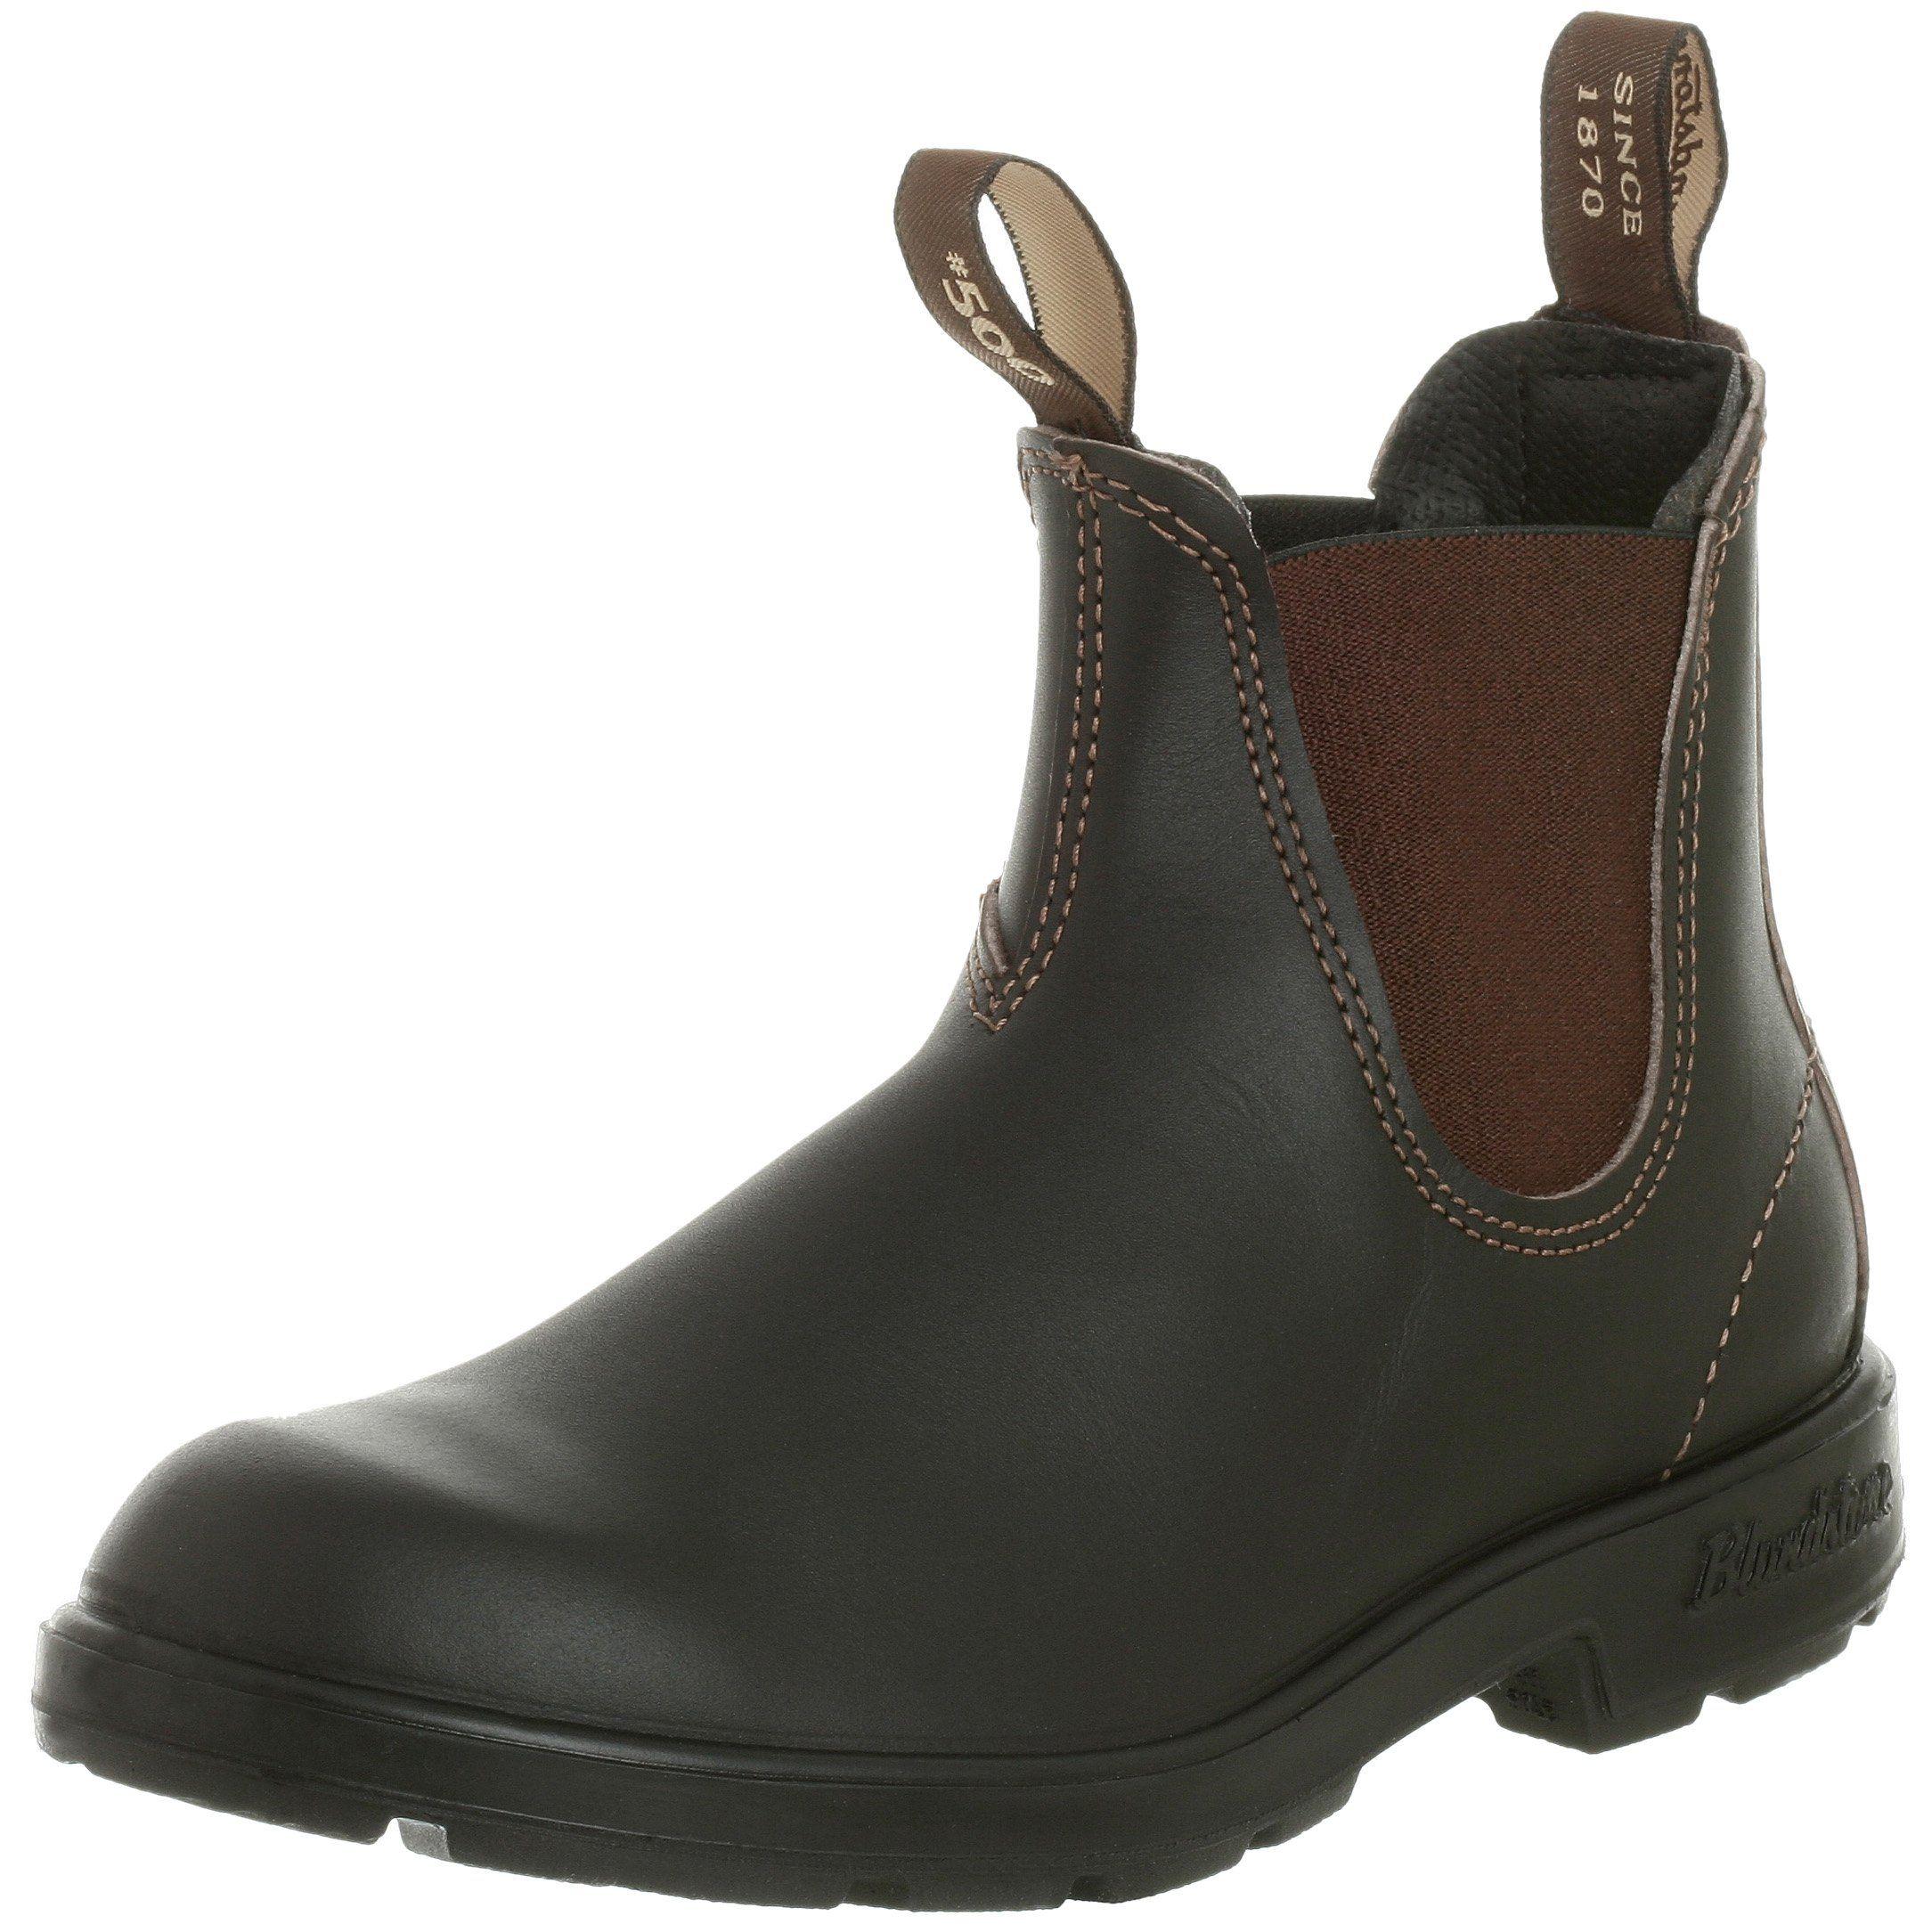 aldo shoes australian boots blundstone